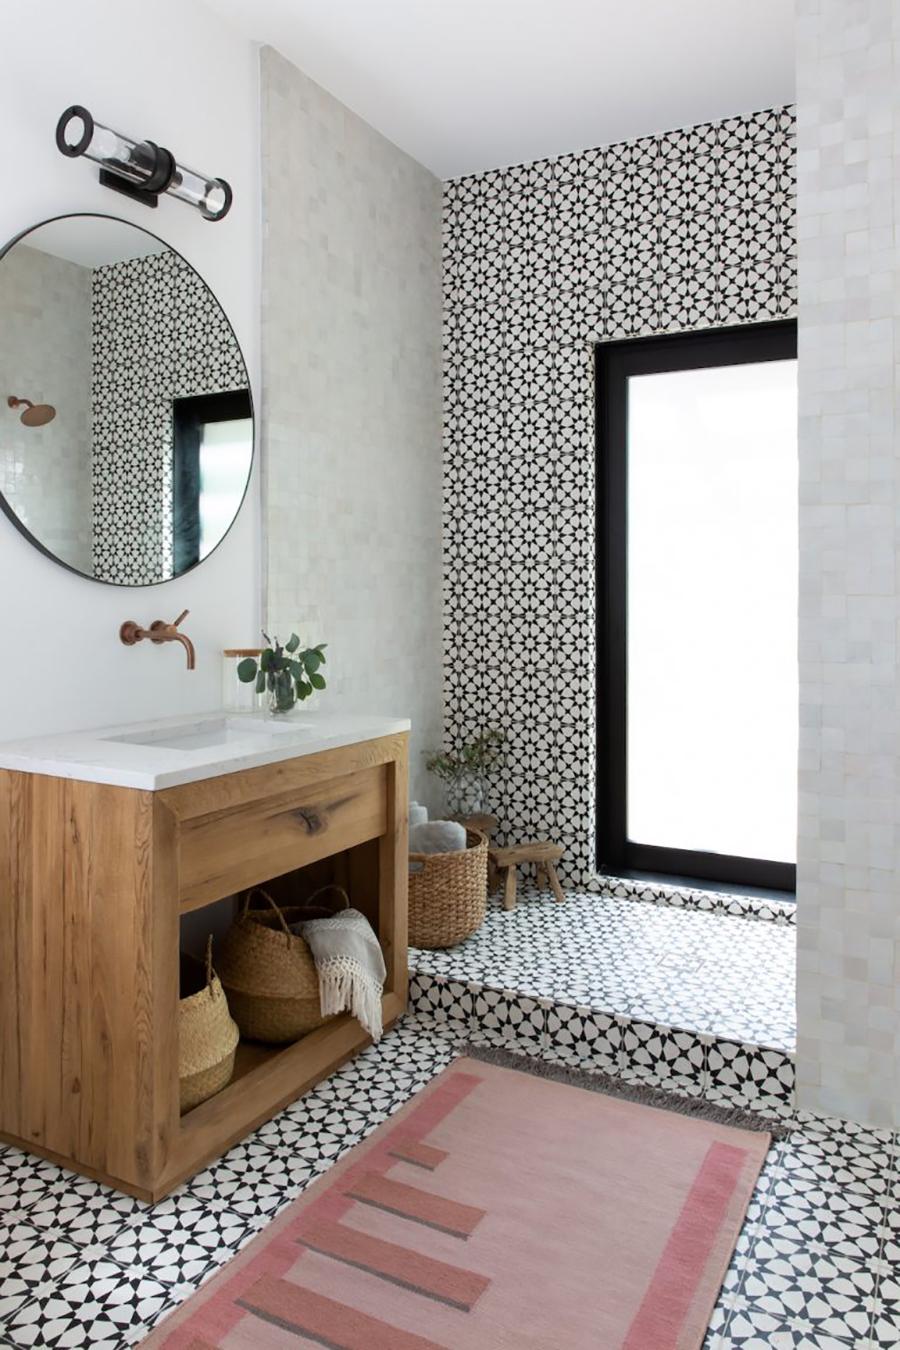 Ejemplo de adhesivos de muro y suelo con diseño vintage para modernizar el baño  / www.camillestyles.com